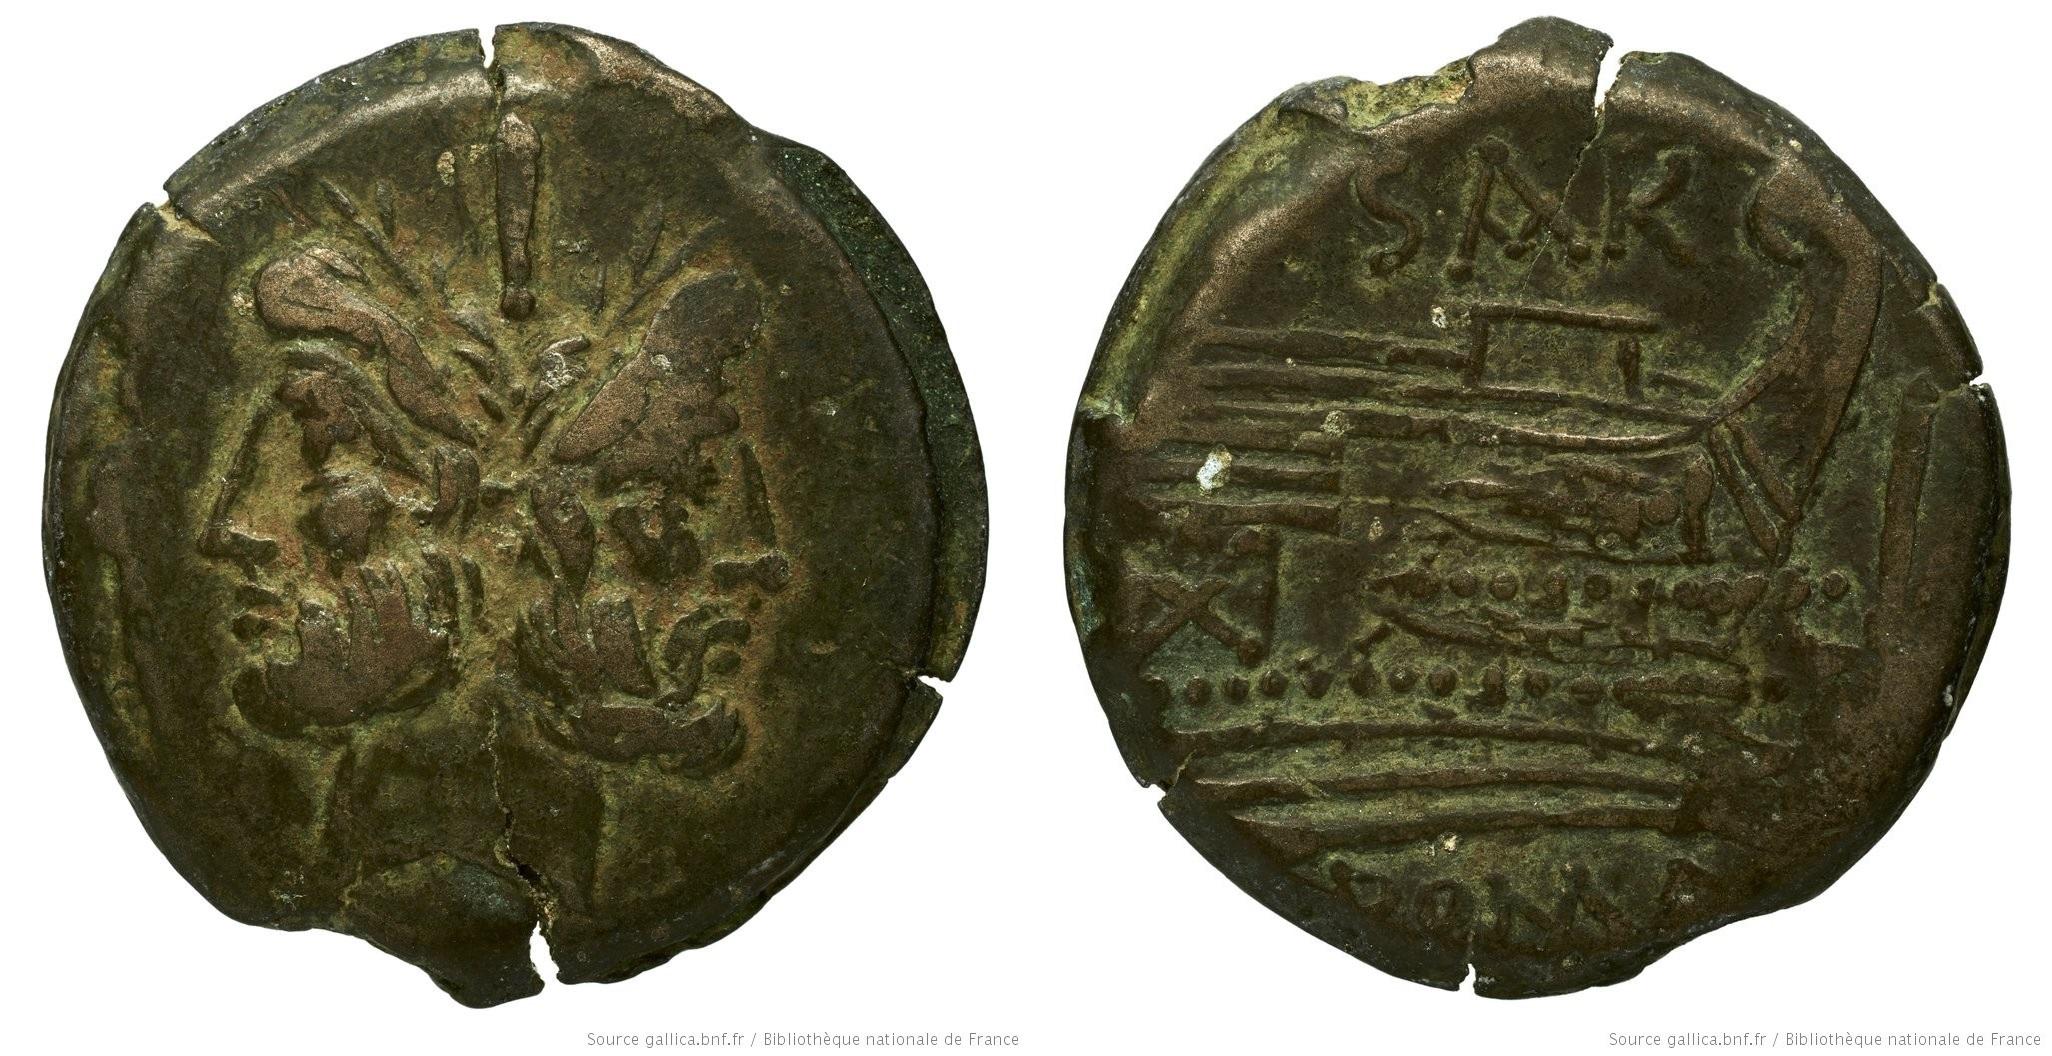 802AT – As Atilia – Sextus Atilius Serranus